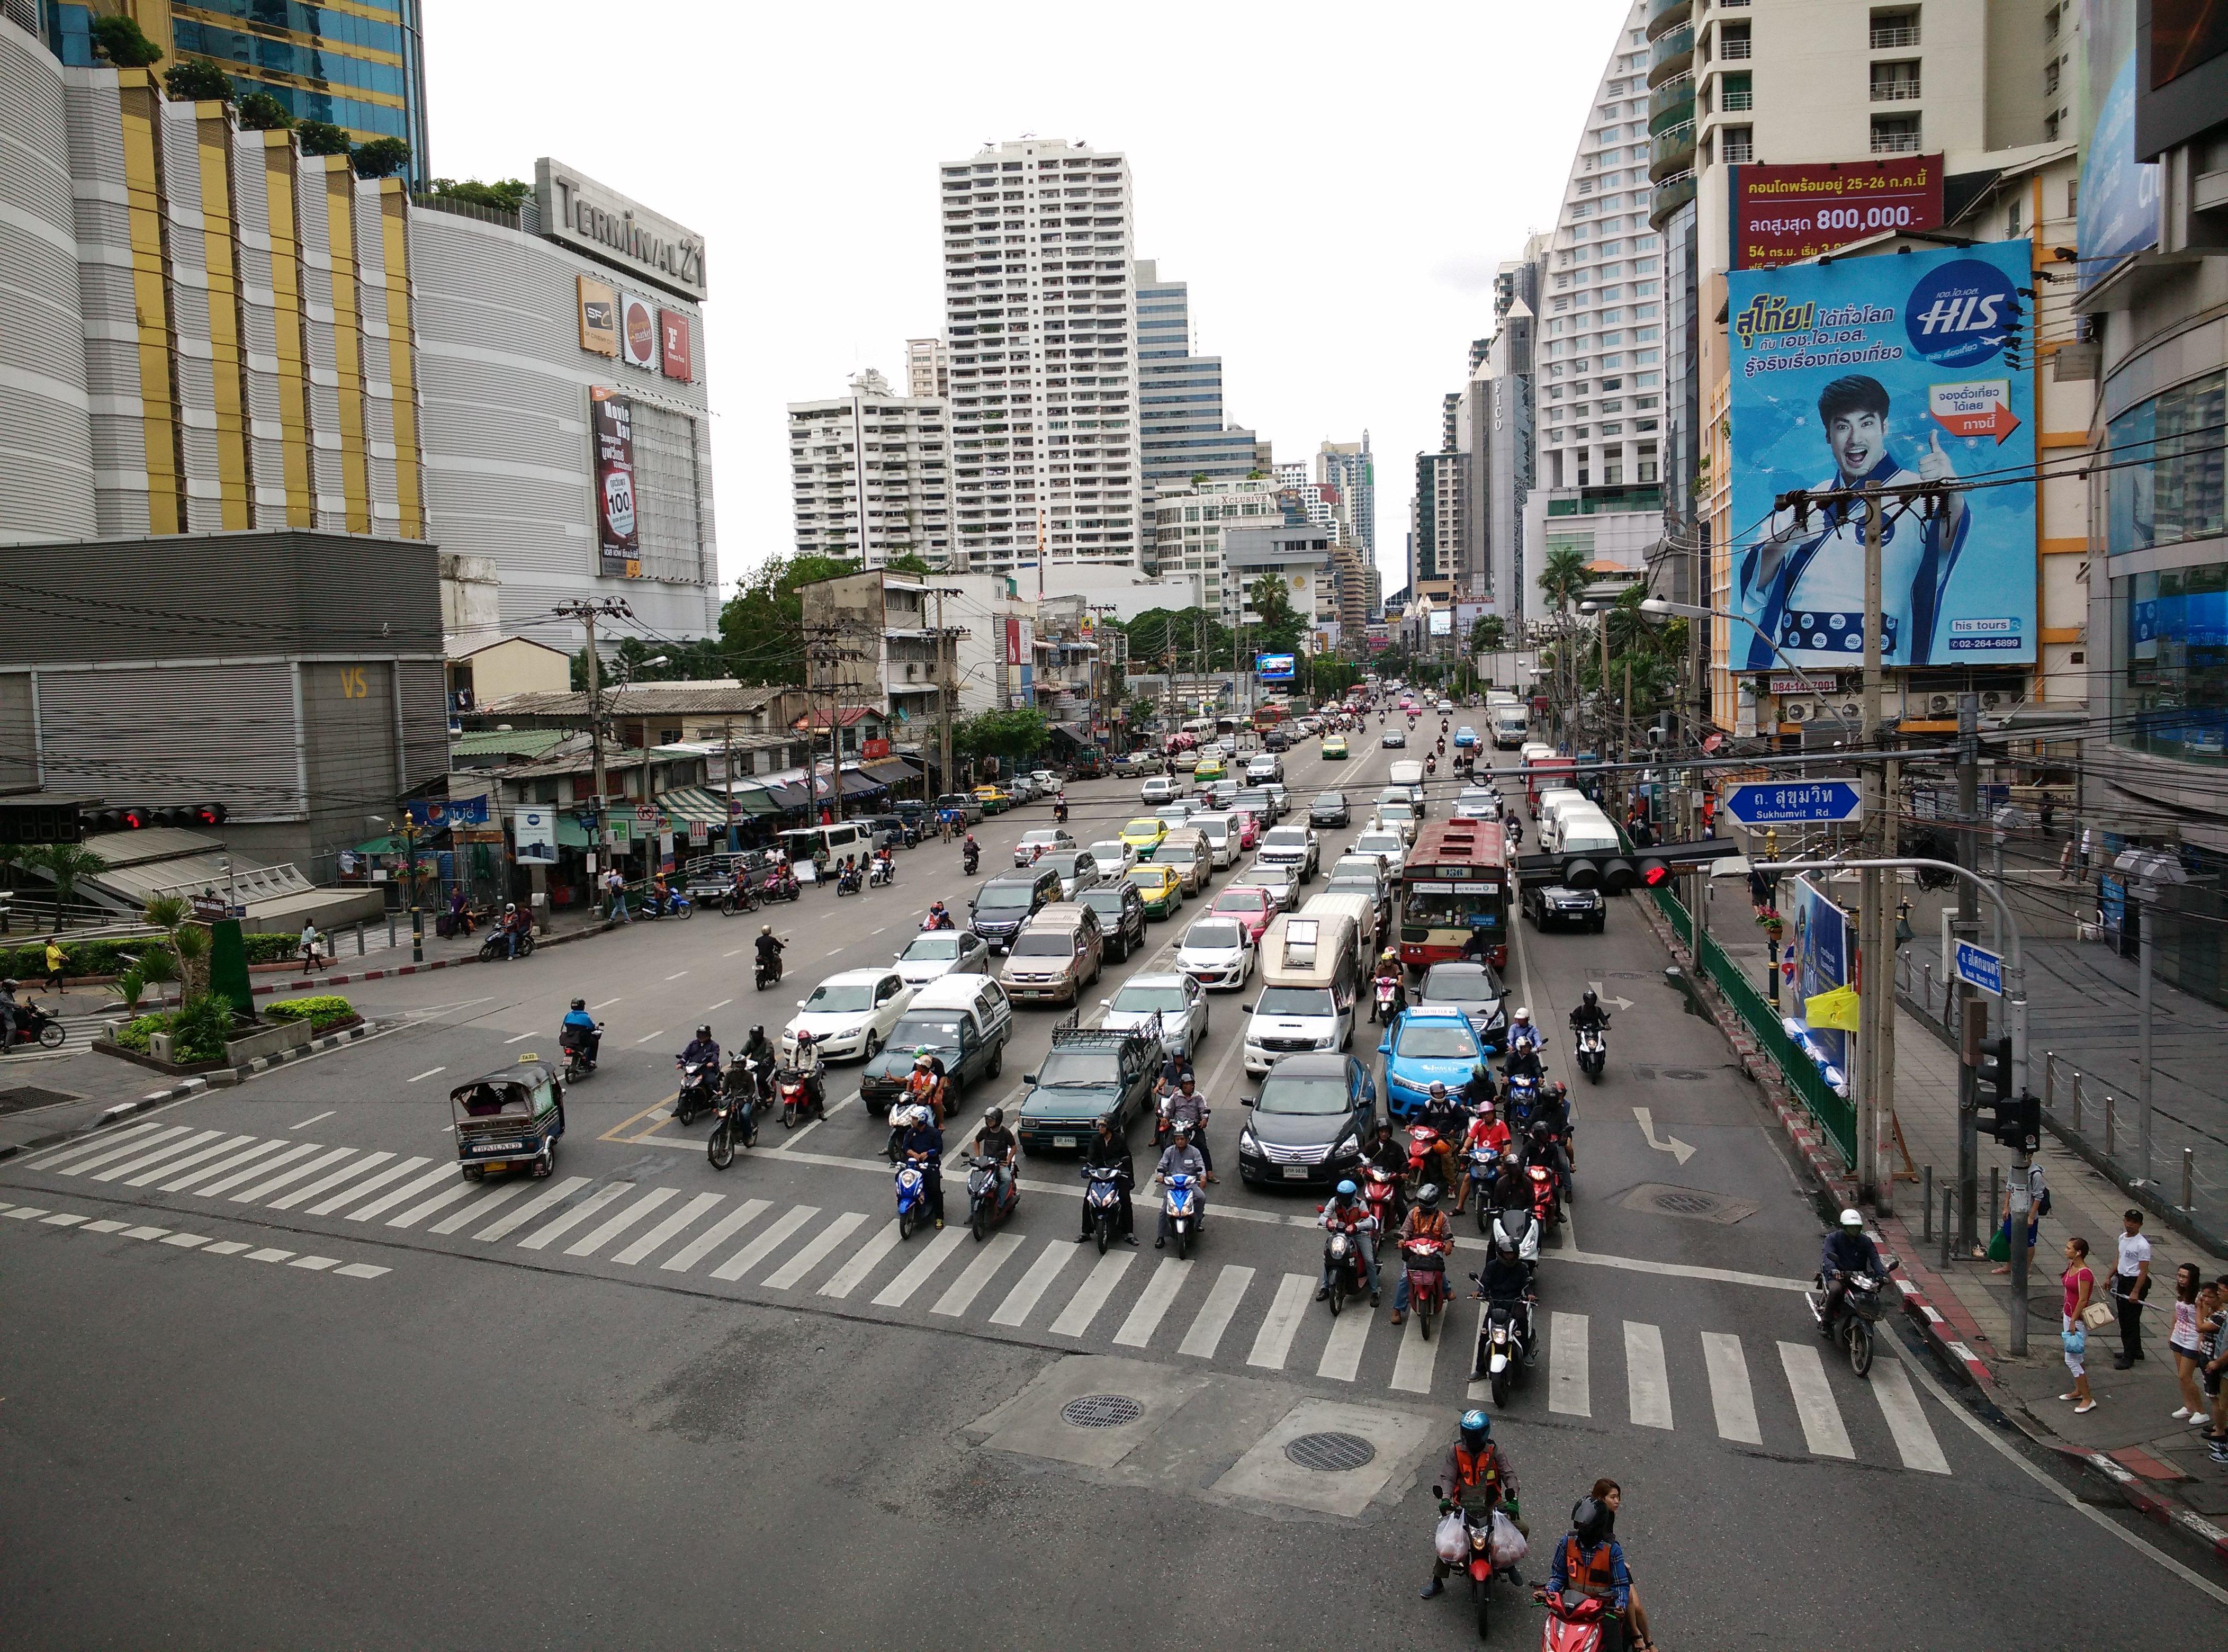 曼谷的街景